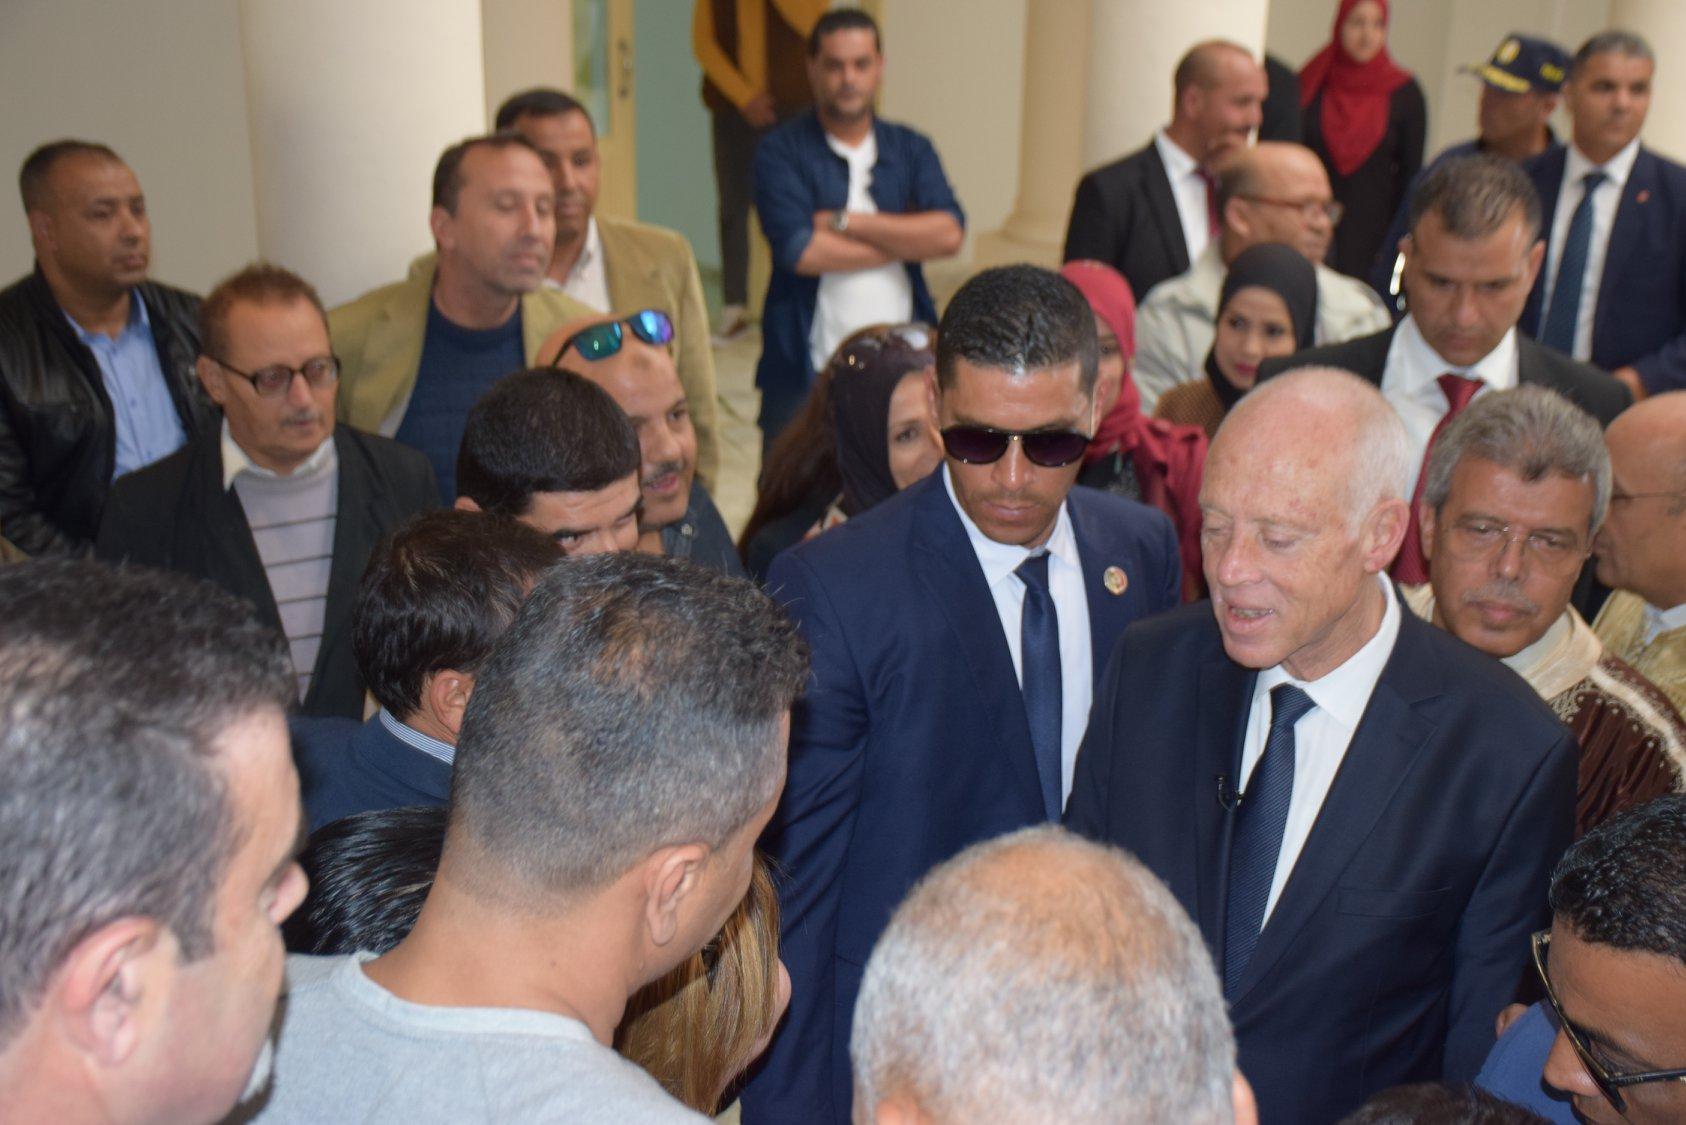 قيس سعيّد: الشباب لا ينتظر وزارات ولا مناصب